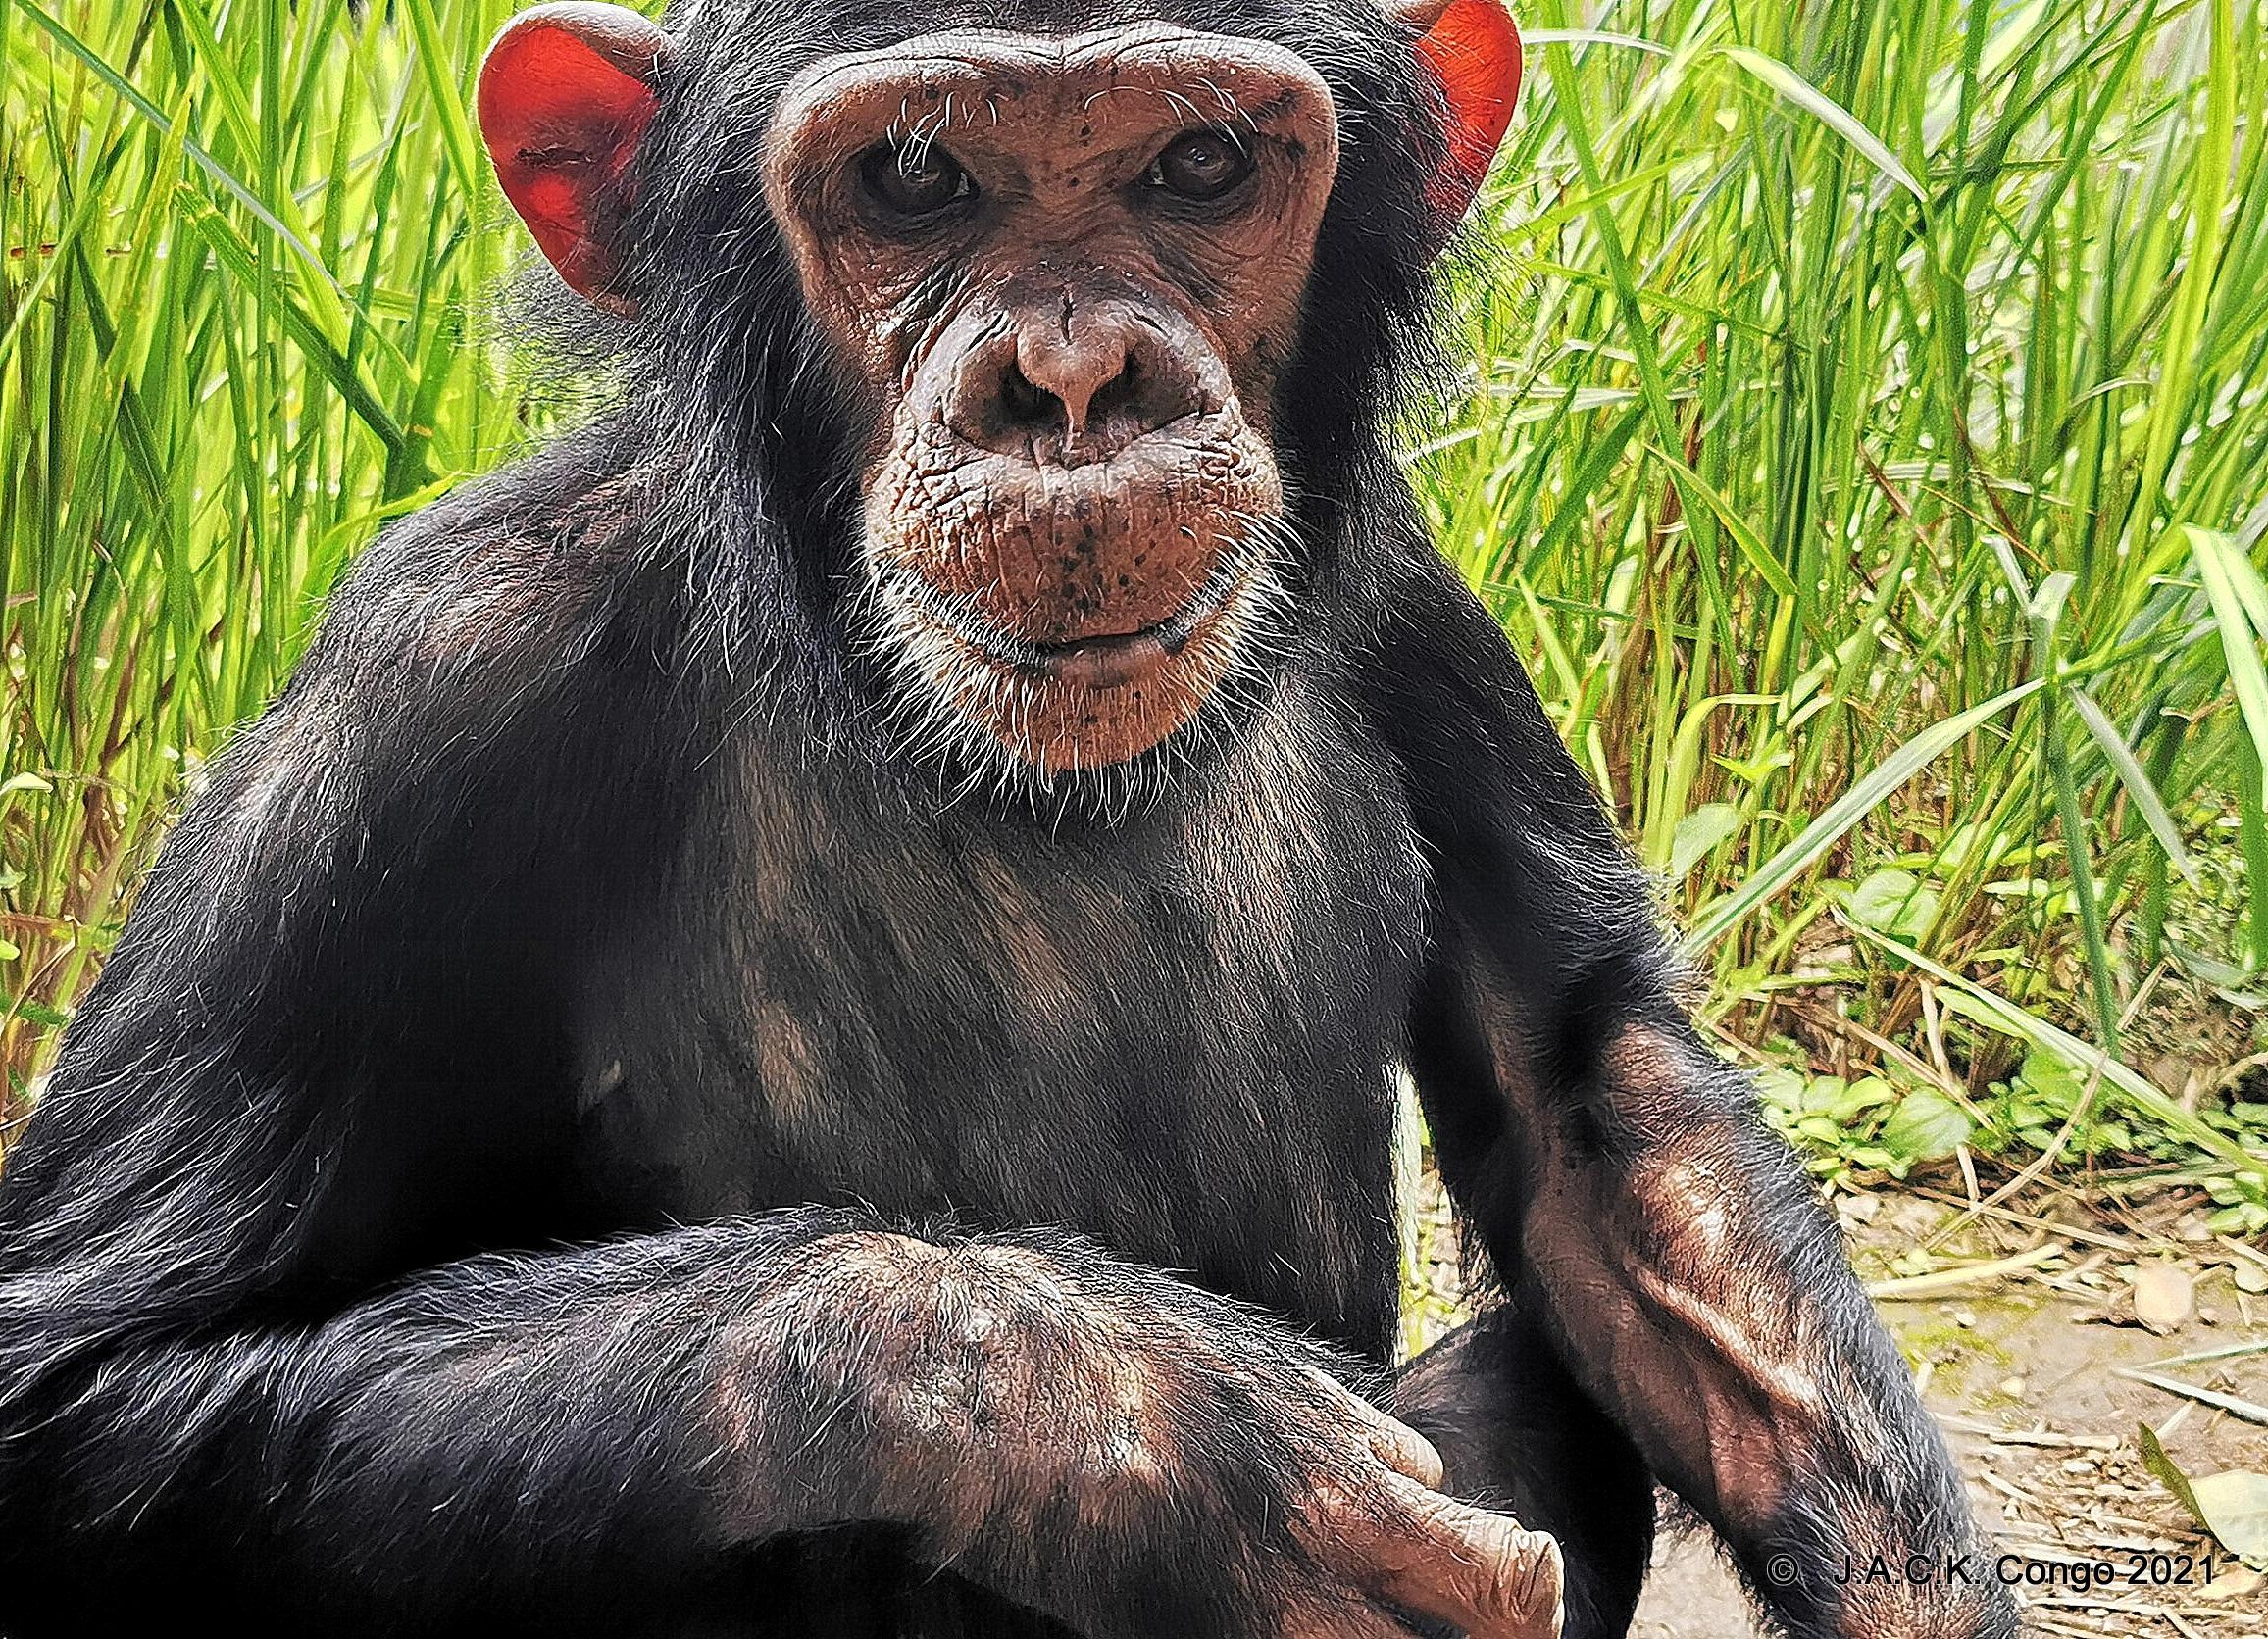 Zumba had forgotten she was a chimpanzee